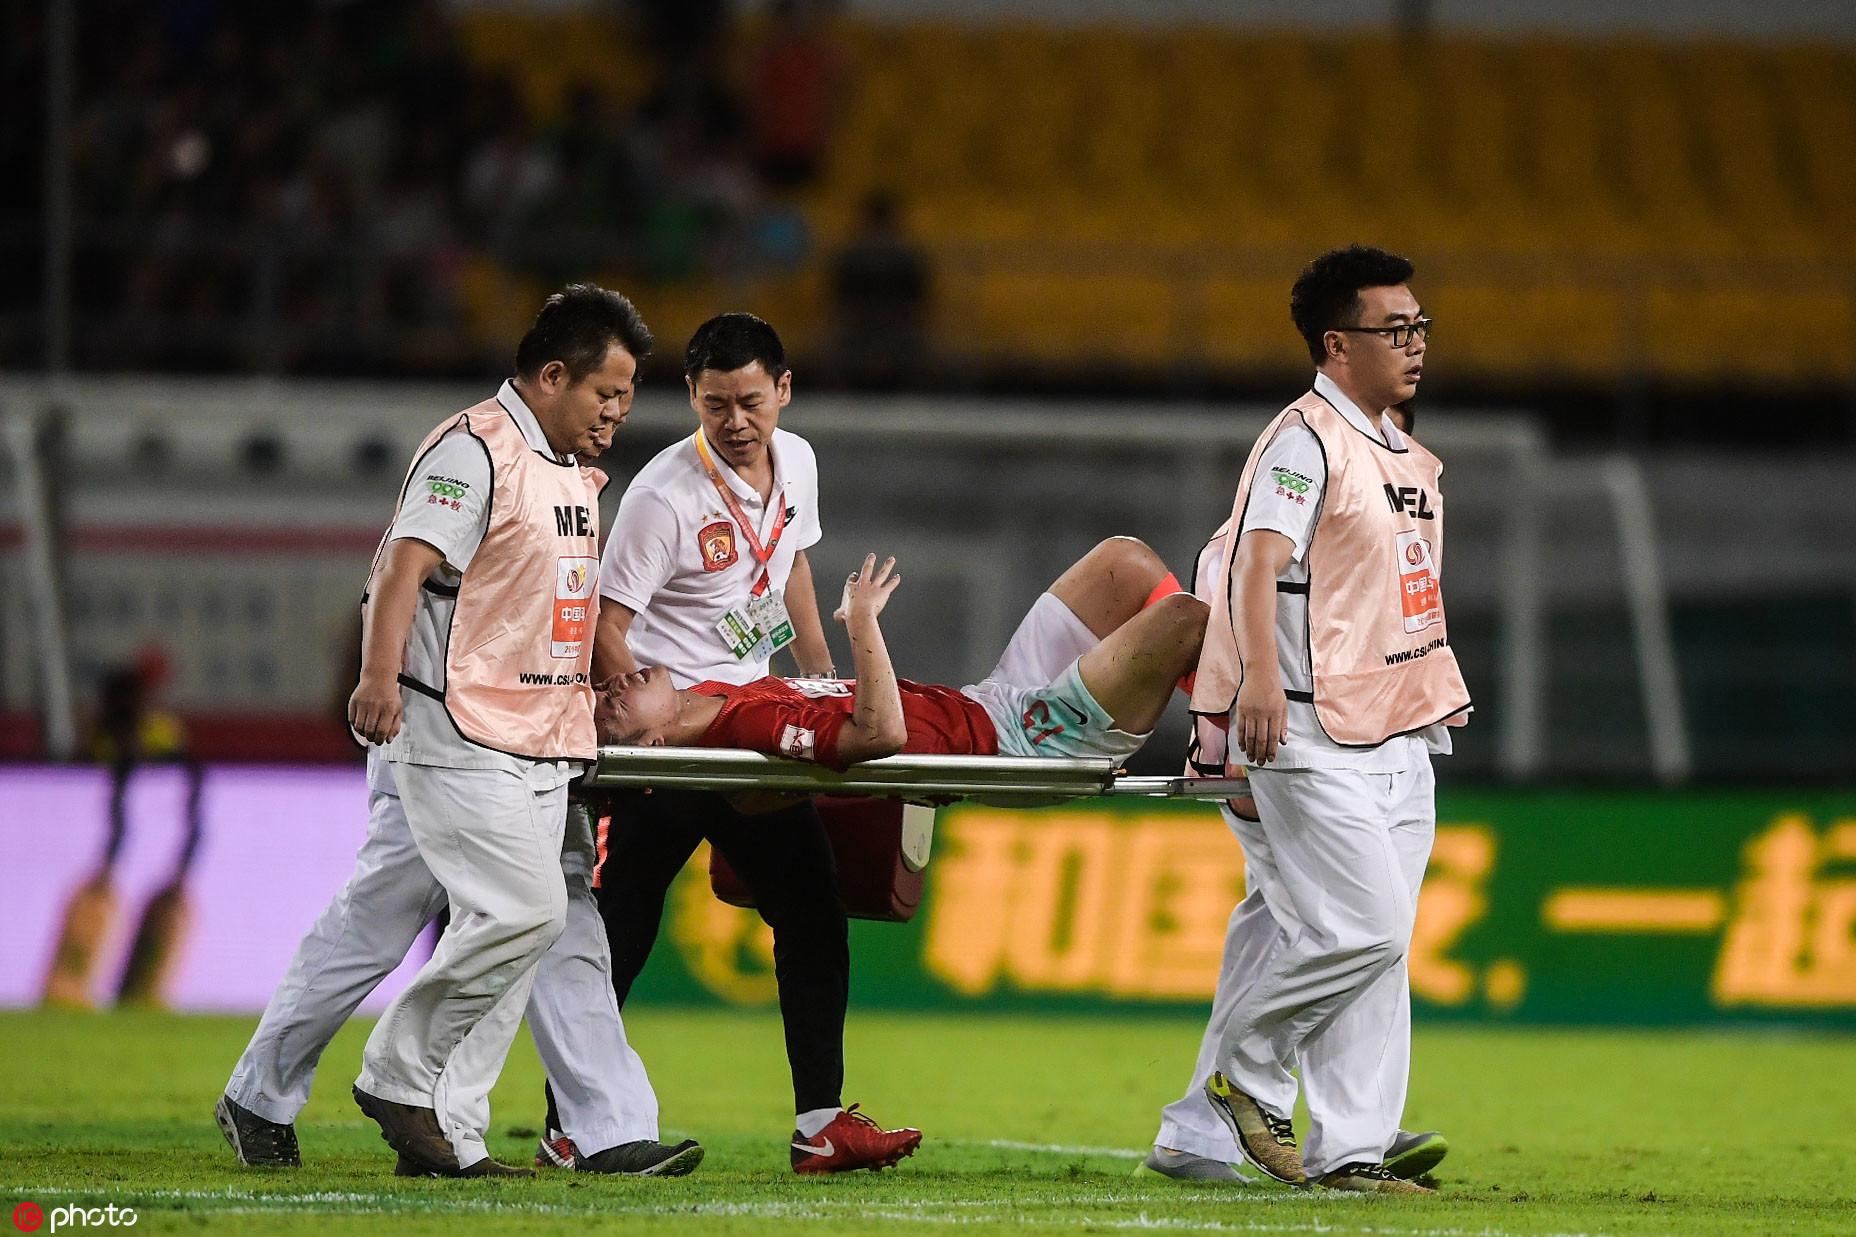 埃尔克森:严鼎皓的受伤可能让他告别本赛季